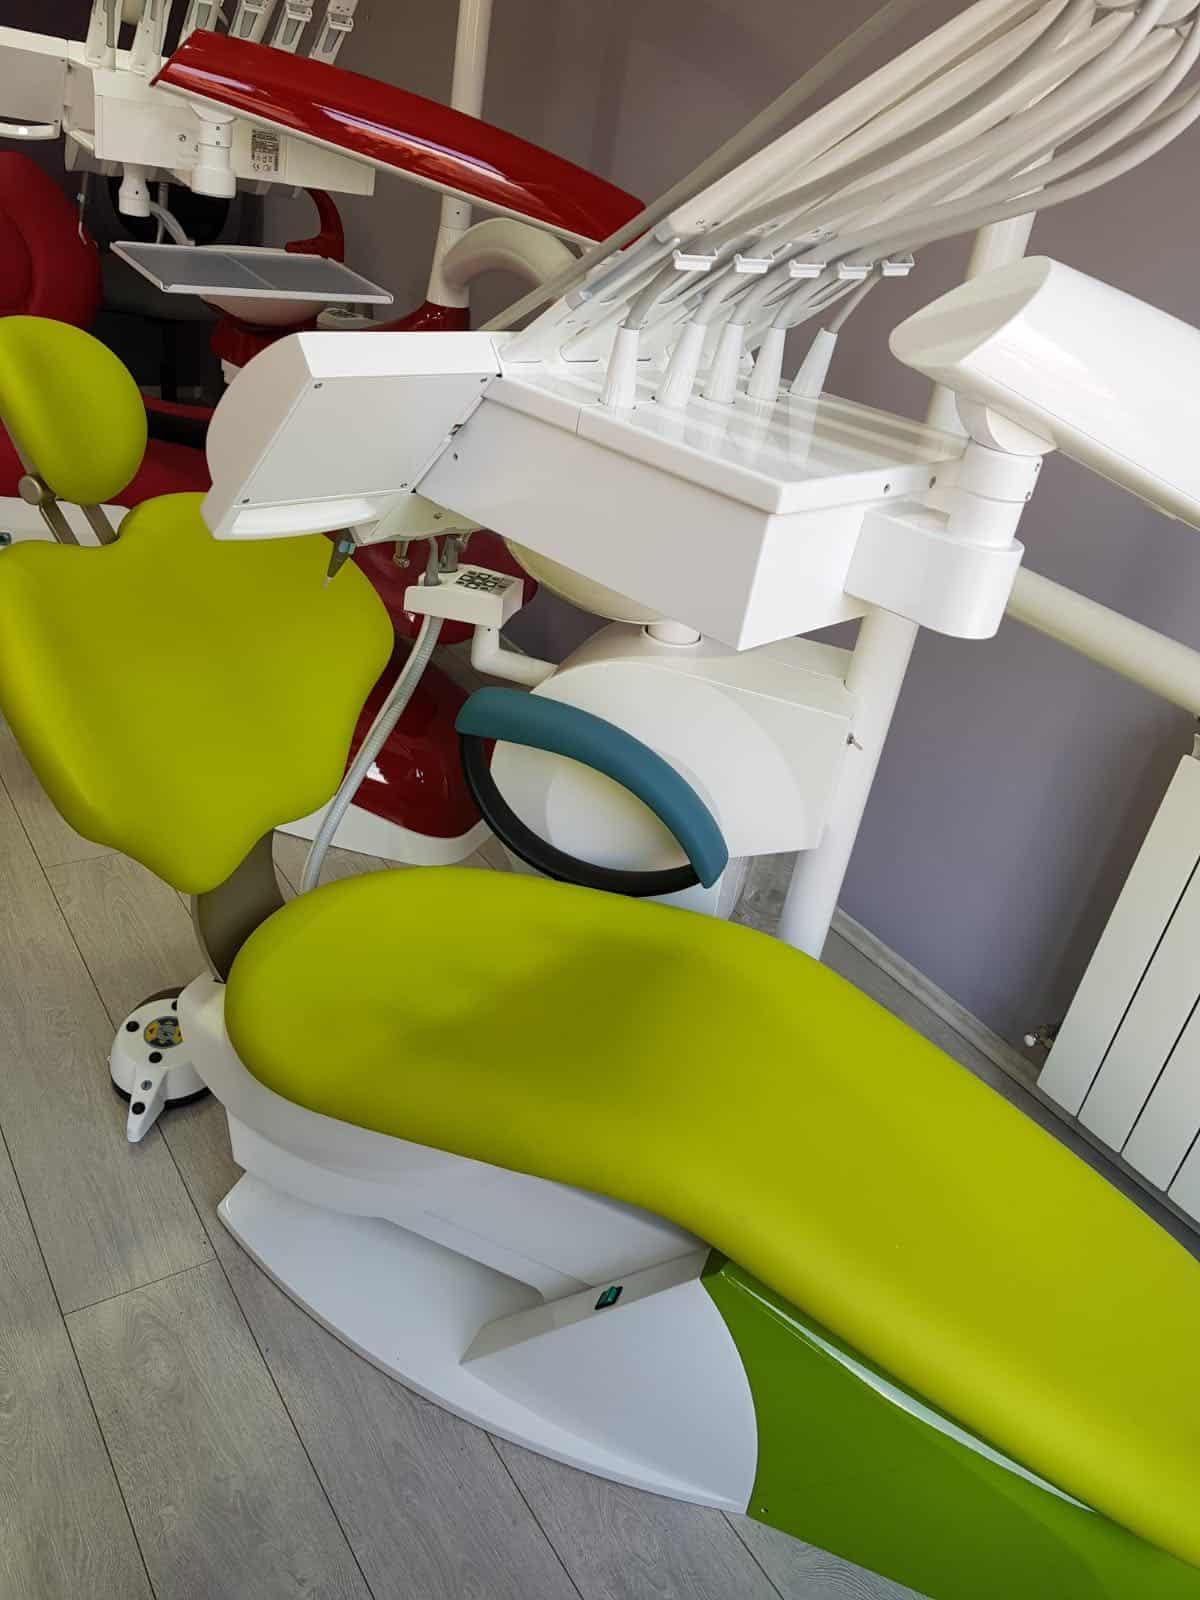 cabinete stomatologice noi